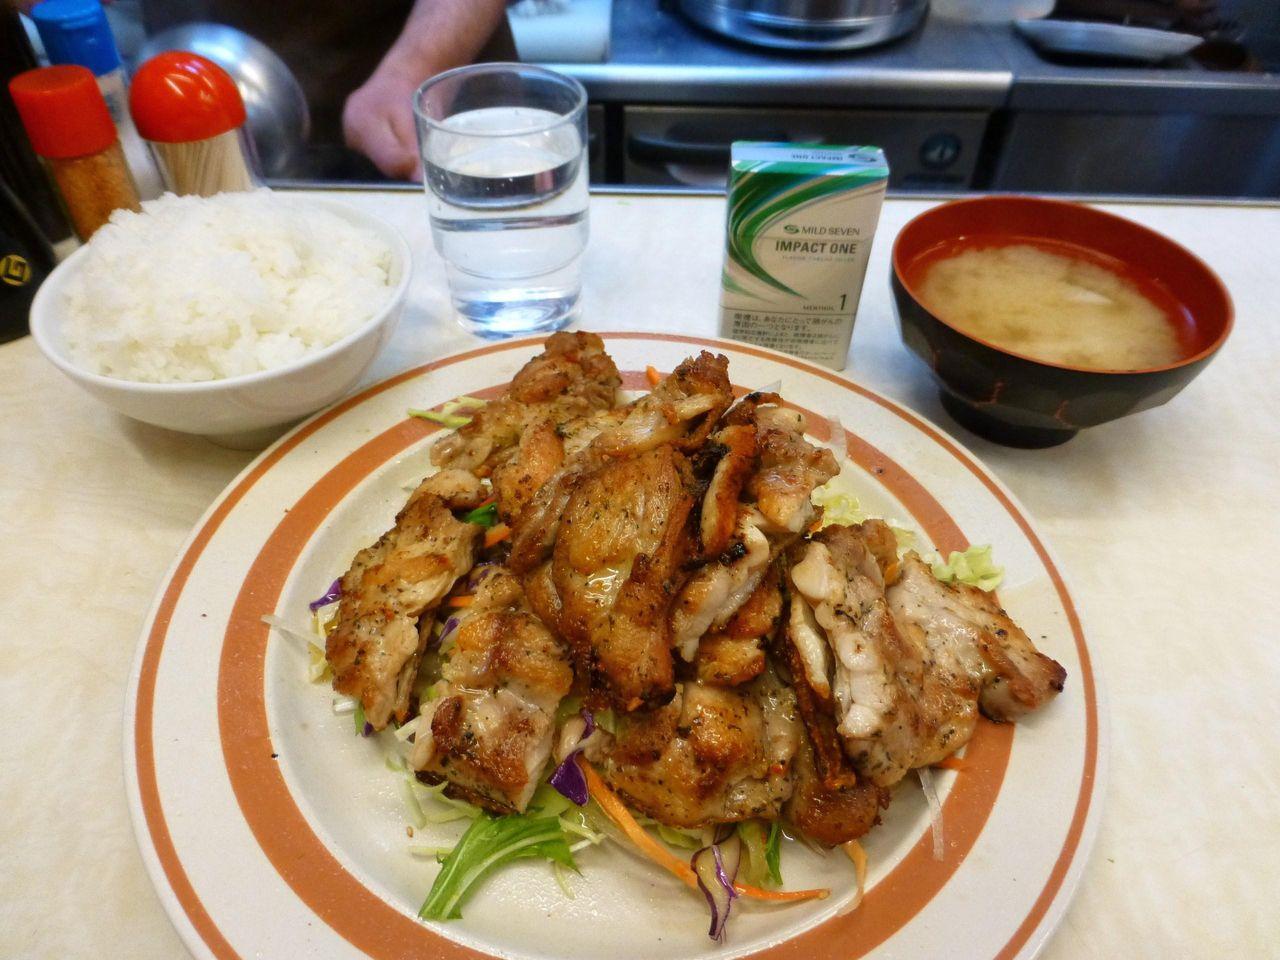 鶏ももバジルオイル焼き(おかずW)950円